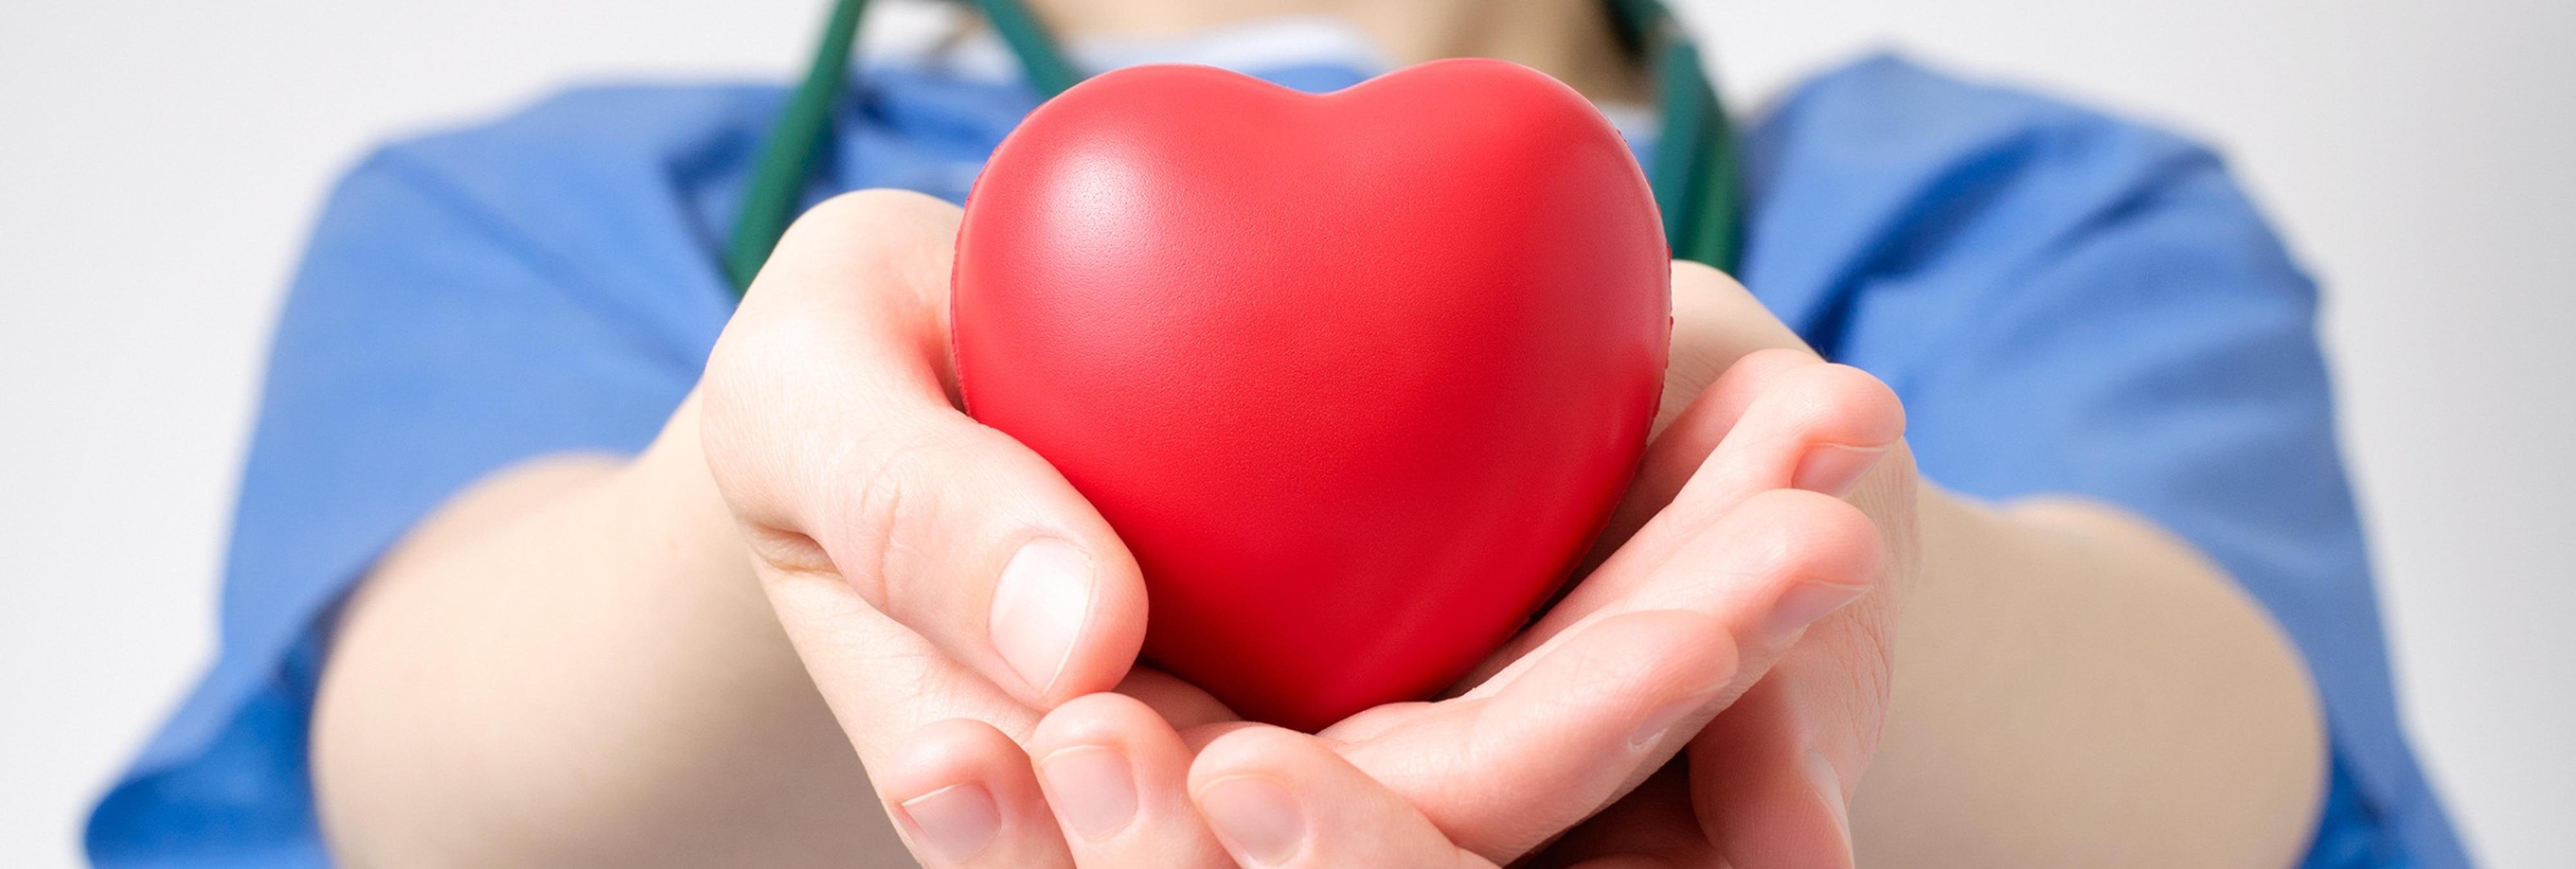 Una niña de 13 años logra salvar a 8 personas donando órganos y establece un récord